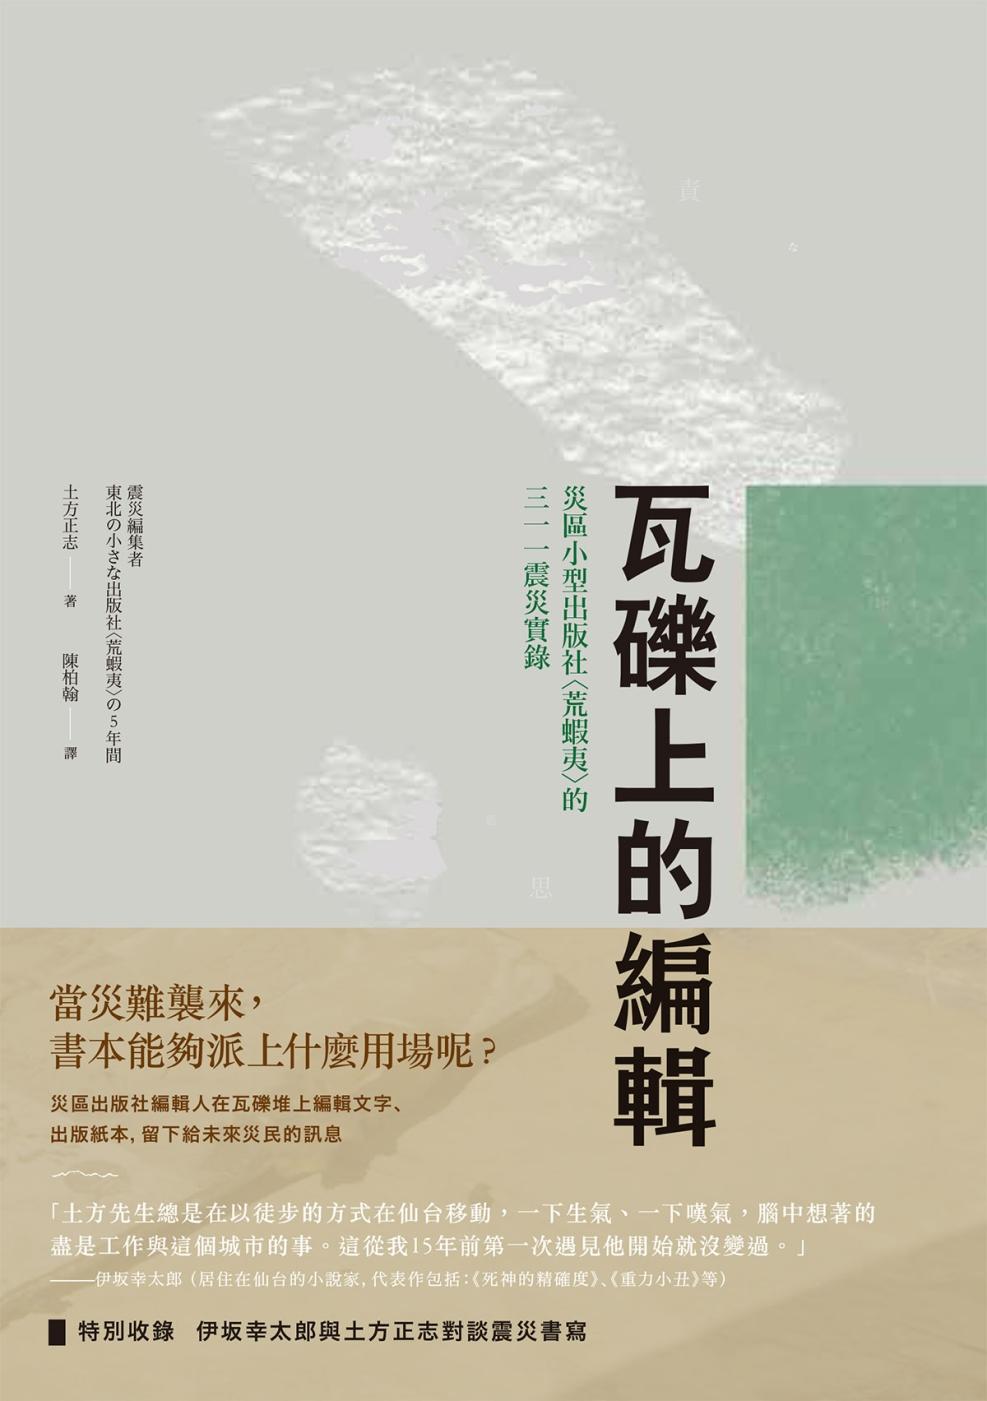 瓦礫上的編輯:災區小型出版社〈荒蝦夷〉的三一一震災實錄